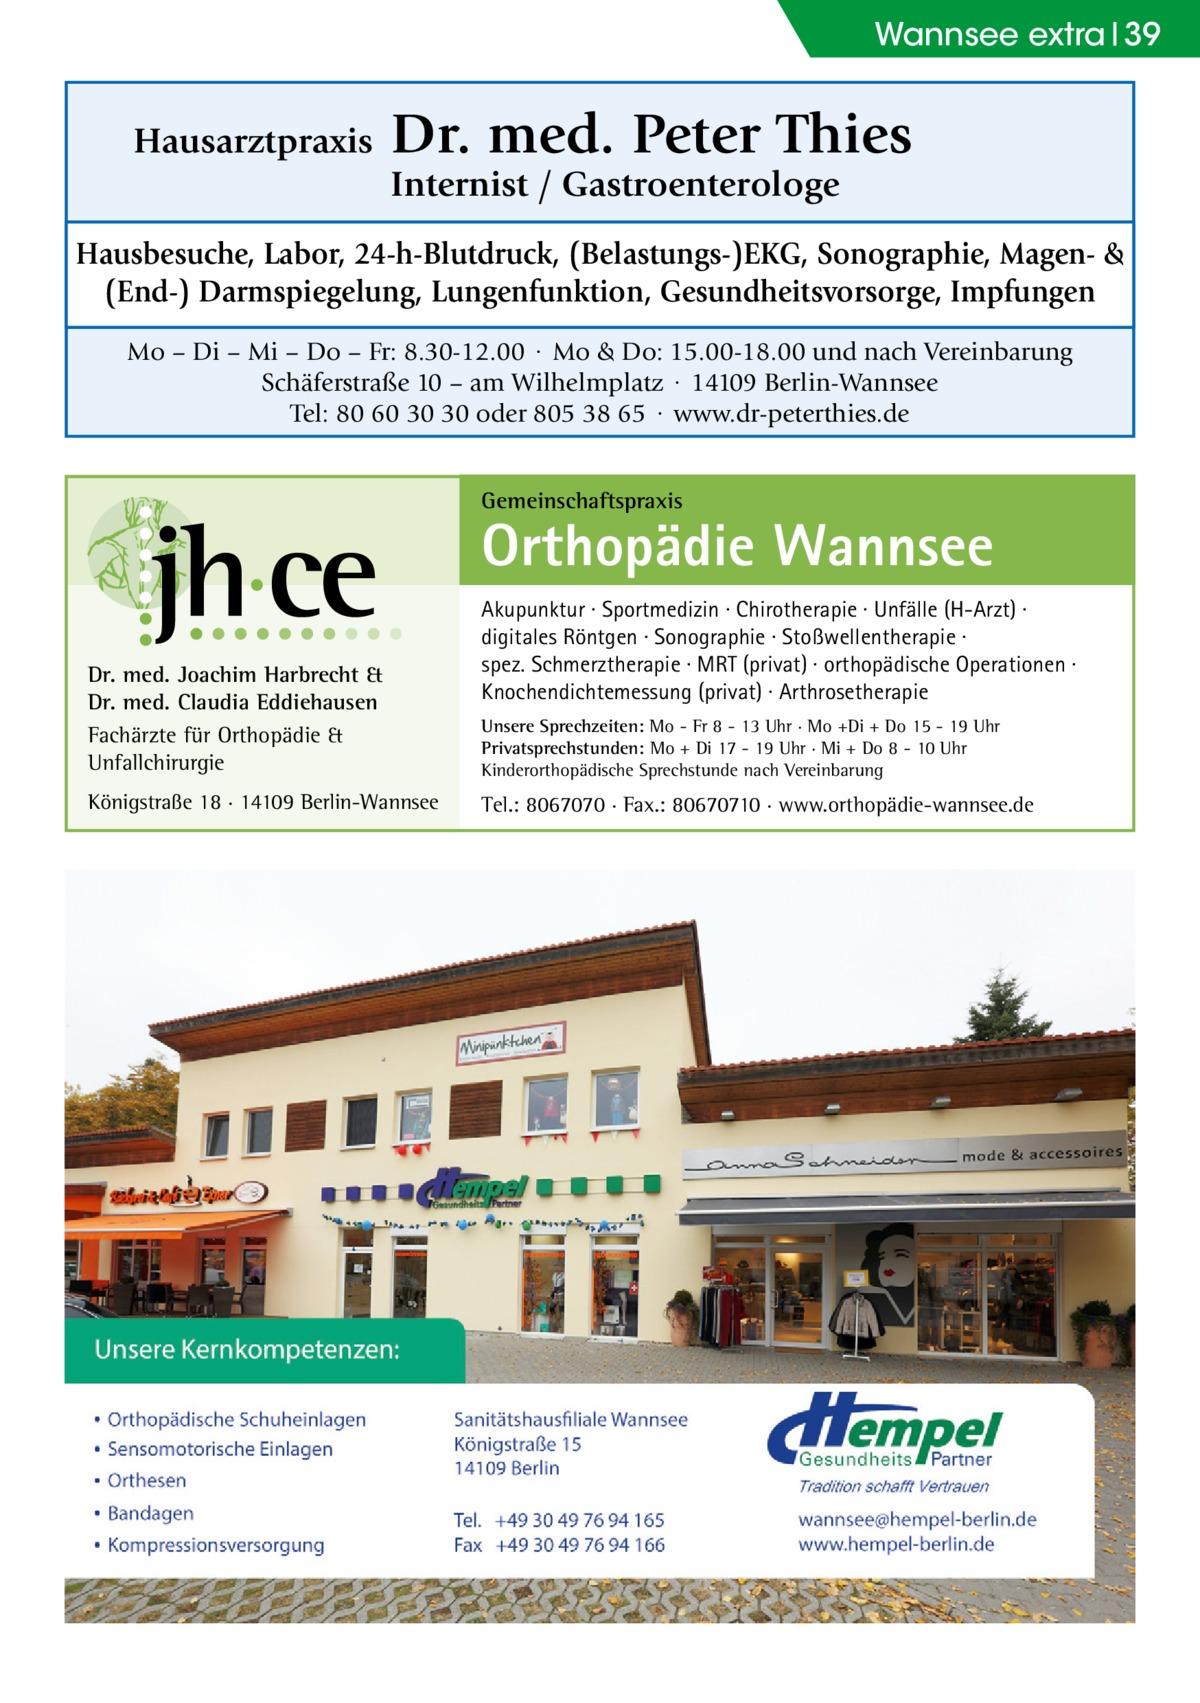 Wannsee extra 39  Hausarztpraxis  Dr. med. Peter Thies Internist / Gastroenterologe  Hausbesuche, Labor, 24-h-Blutdruck, (Belastungs-)EKG, Sonographie, Magen- & (End-) Darmspiegelung, Lungenfunktion, Gesundheitsvorsorge, Impfungen Mo – Di – Mi – Do – Fr: 8.30-12.00 · Mo & Do: 15.00-18.00 und nach Vereinbarung Schäferstraße 10 – am Wilhelmplatz · 14109 Berlin-Wannsee Tel: 80 60 30 30 oder 805 38 65 · www.dr-peterthies.de Gemeinschaftspraxis  Orthopädie Wannsee Dr. med. Joachim Harbrecht & Dr. med. Claudia Eddiehausen Fachärzte für Orthopädie & Unfallchirurgie Königstraße 18 · 14109 Berlin-Wannsee  Akupunktur · Sportmedizin · Chirotherapie · Unfälle (H-Arzt) · digitales Röntgen · Sonographie · Stoßwellentherapie · spez. Schmerztherapie · MRT (privat) · orthopädische Operationen · Knochendichtemessung (privat) · Arthrosetherapie Unsere Sprechzeiten: Mo - Fr 8 - 13 Uhr · Mo +Di + Do 15 - 19 Uhr Privatsprechstunden: Mo + Di 17 - 19 Uhr · Mi + Do 8 - 10 Uhr Kinderorthopädische Sprechstunde nach Vereinbarung  Tel.: 8067070 · Fax.: 80670710 · www.orthopädie-wannsee.de